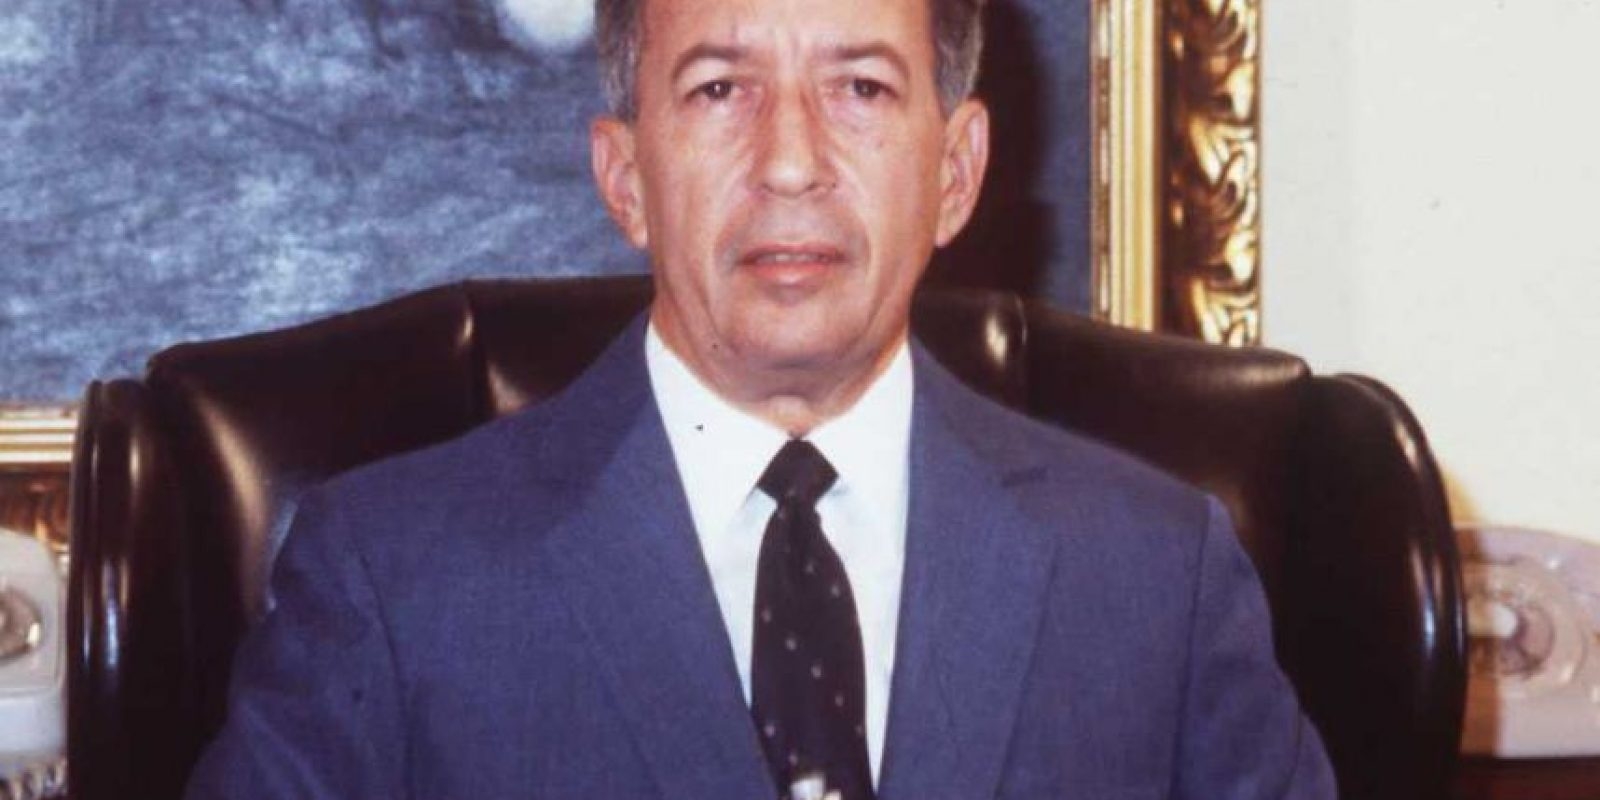 El mandatario dominicano entre 1982 y 1986 fue condenado en 1987 a 20 años de prisión, acusado de enriquecimiento ilícito Foto:Wikimedia